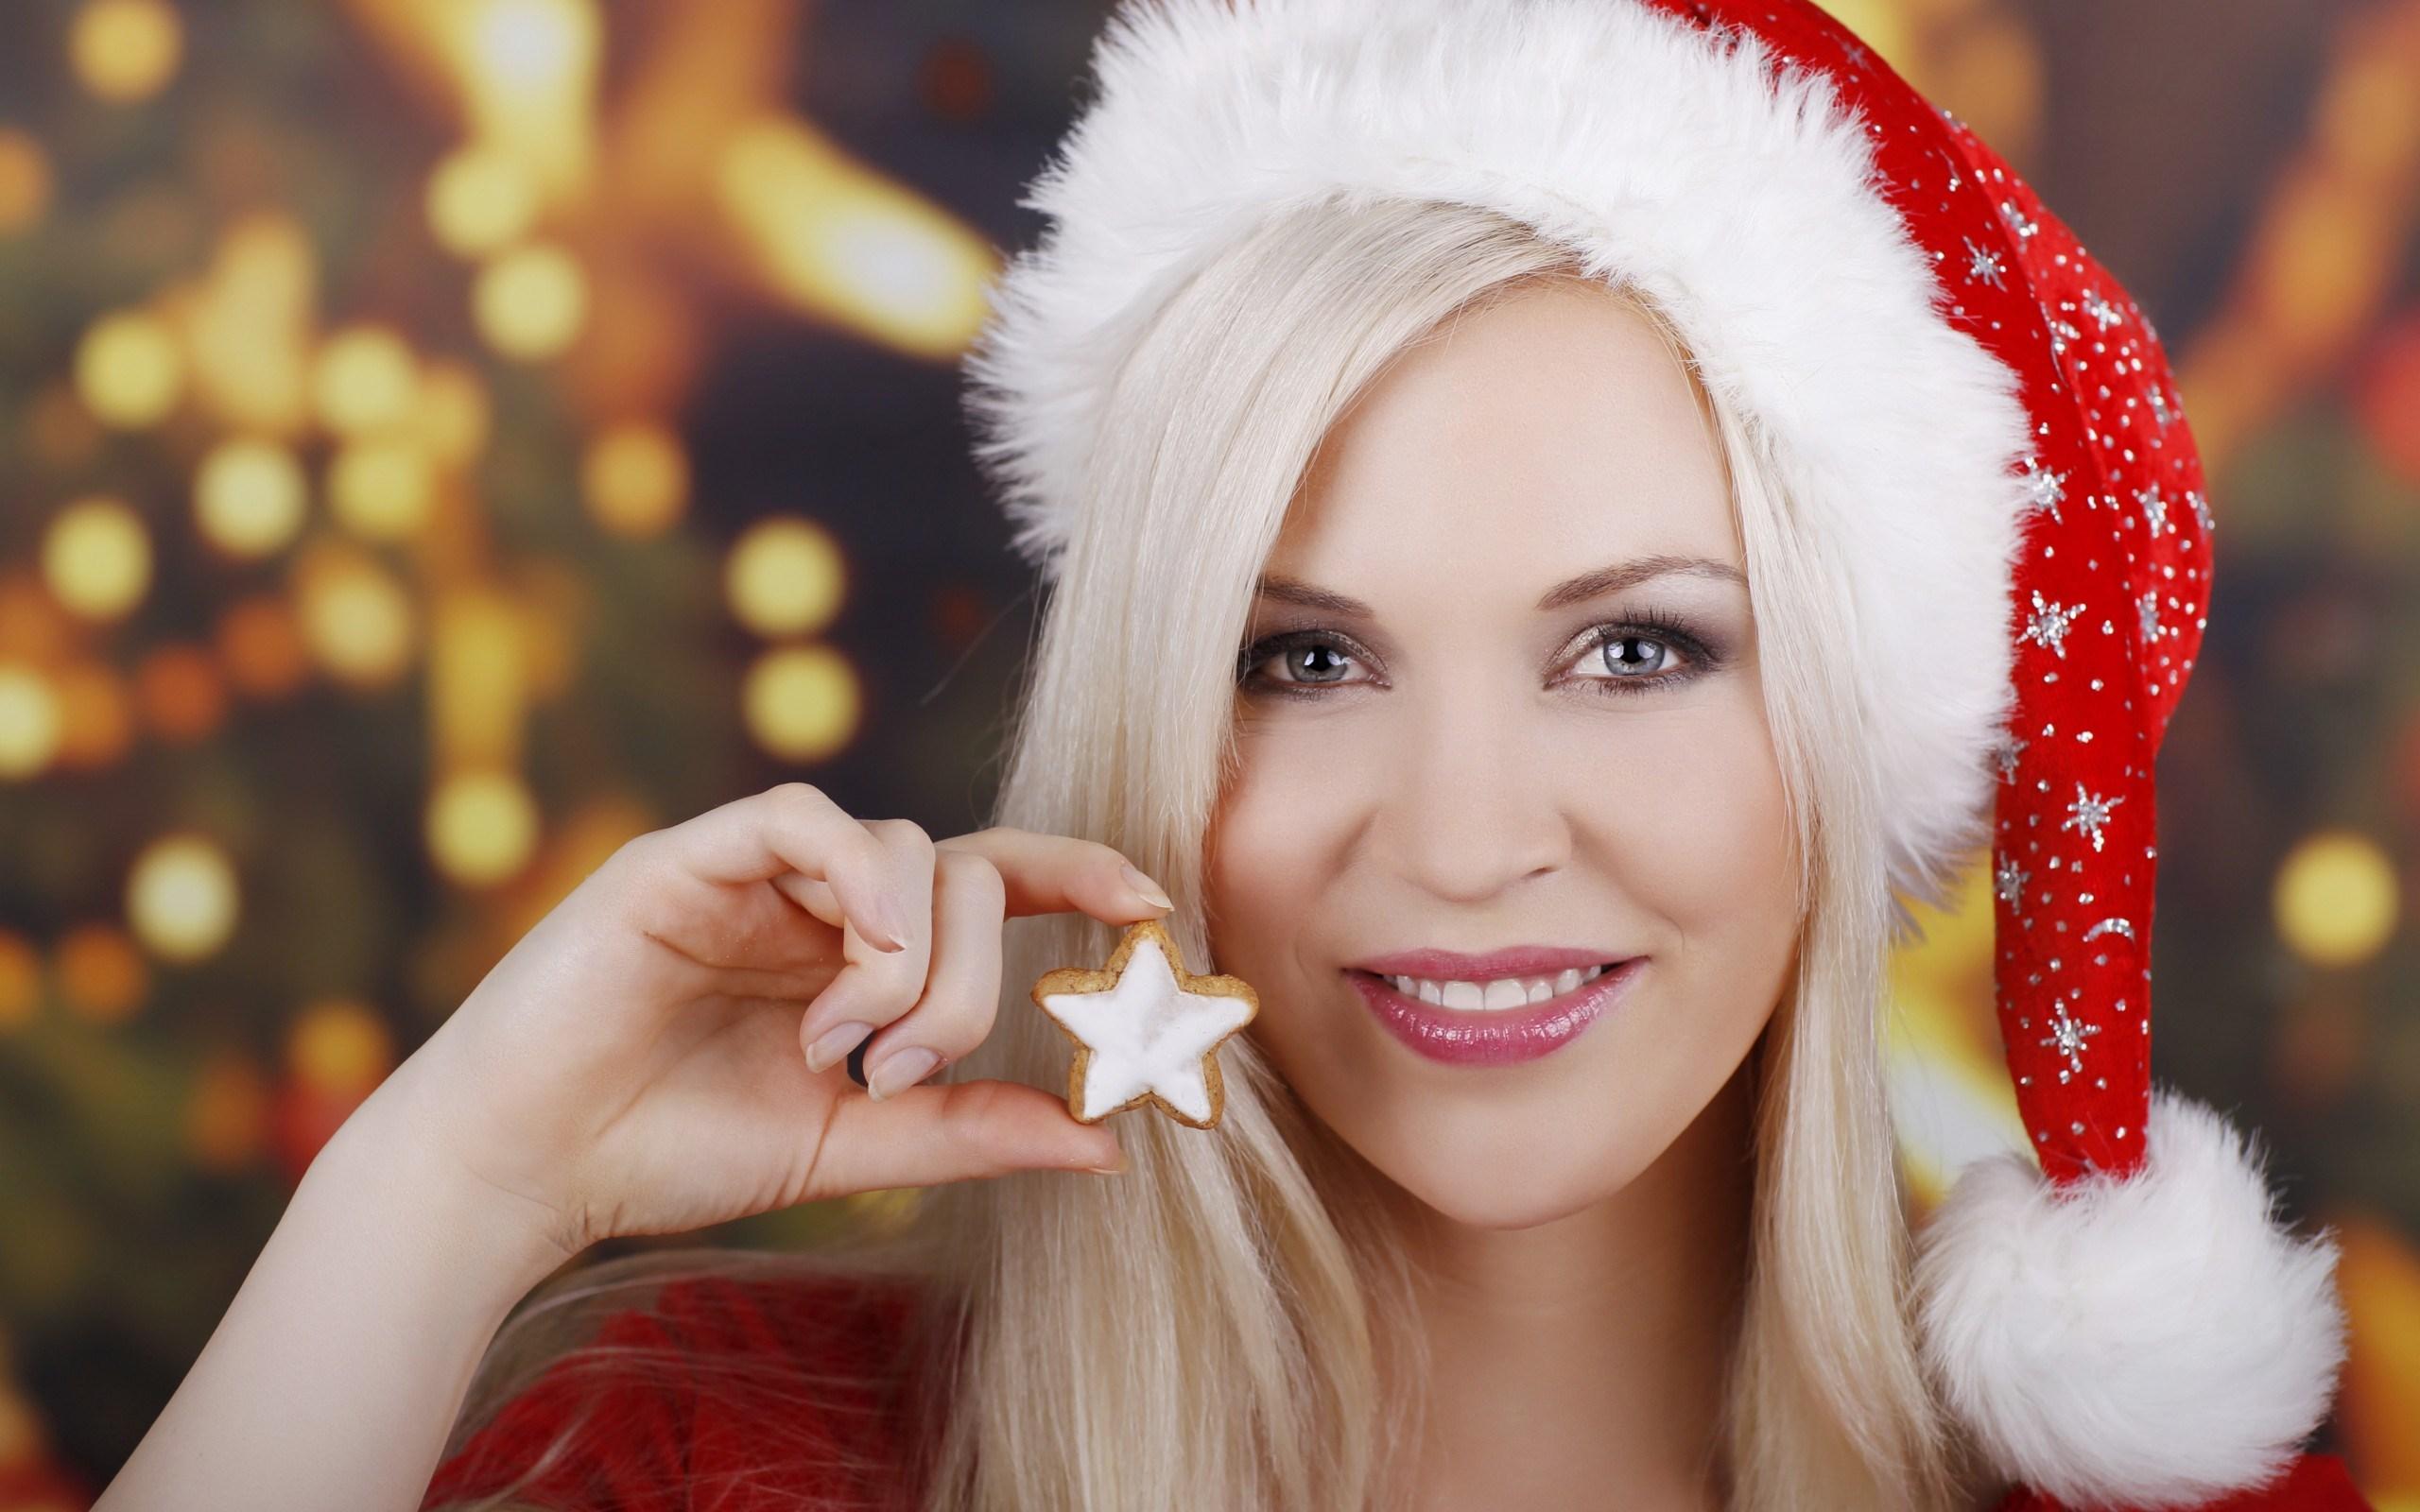 Girl Smile Look Star Christmas Lights #7029832